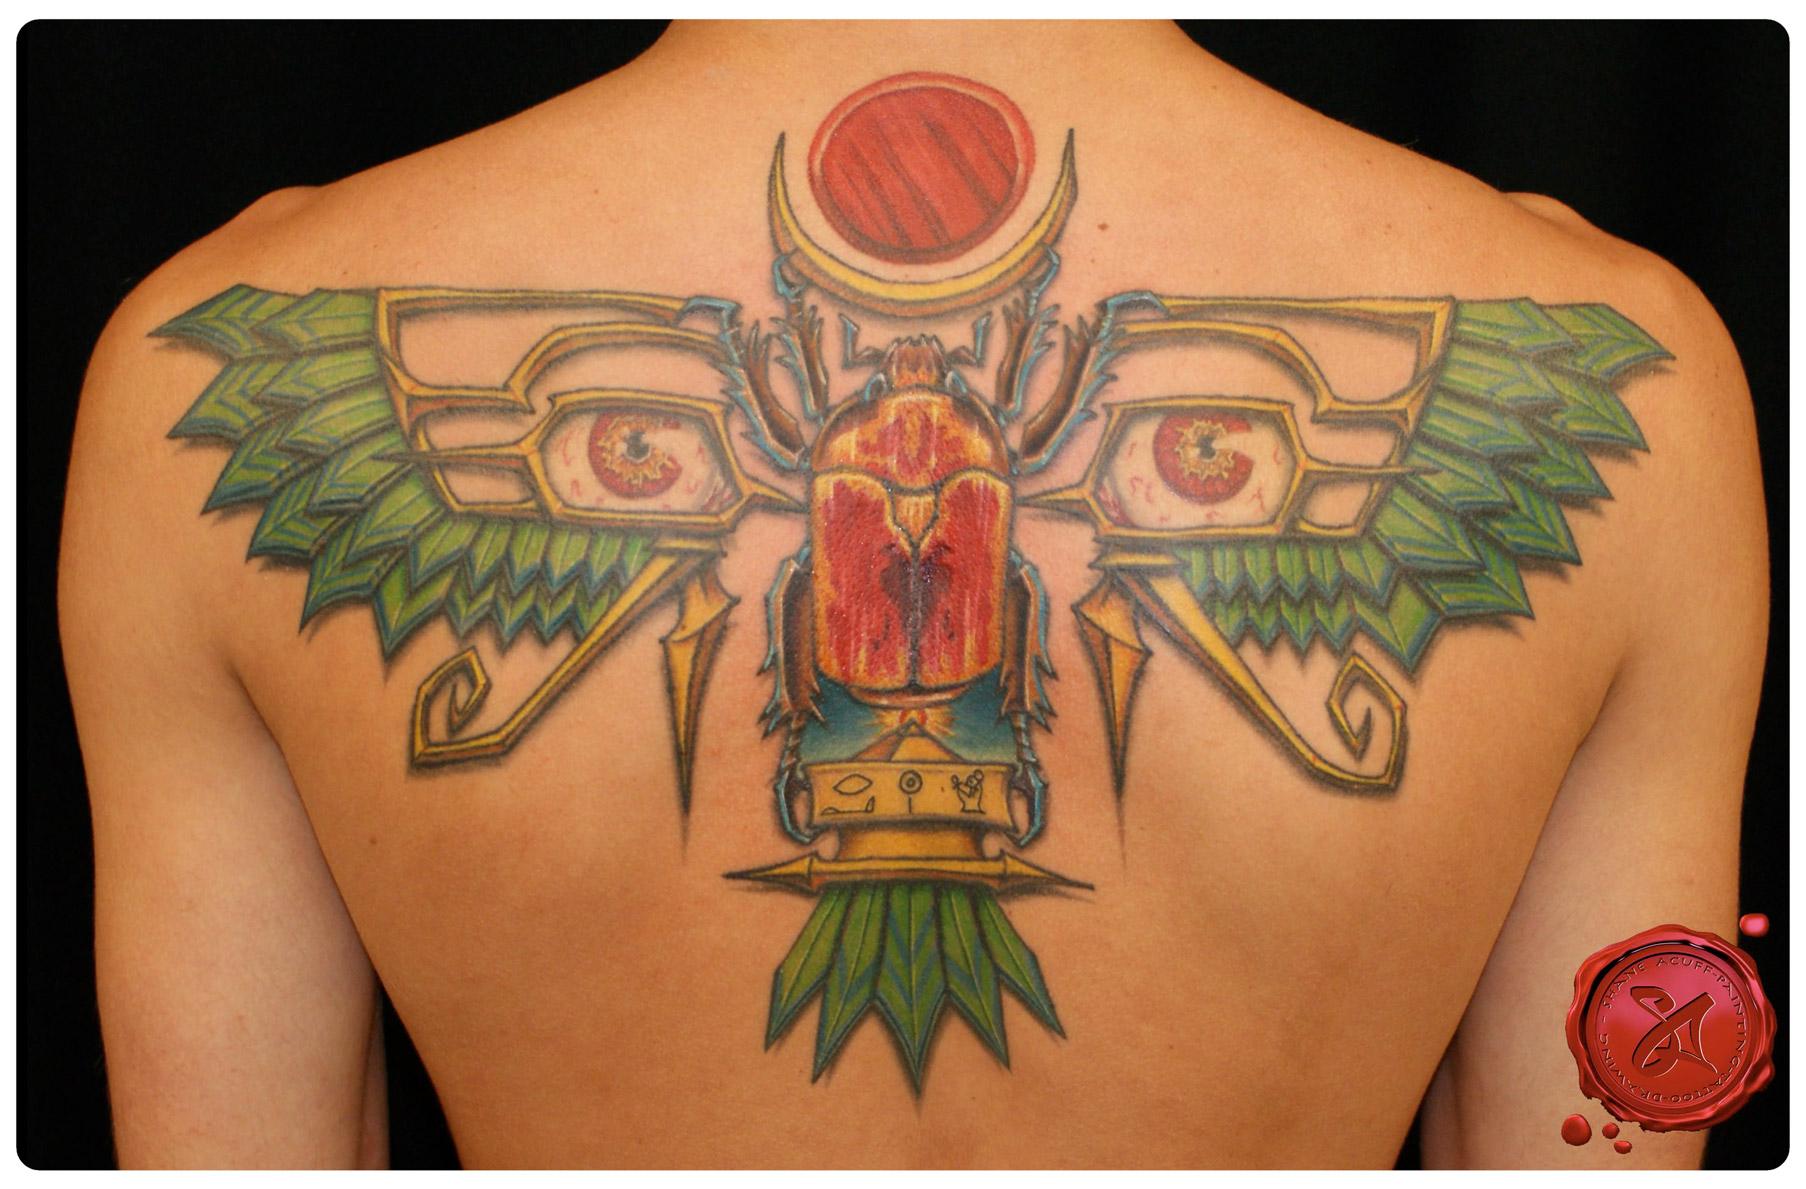 Tattoo by Shane Acuff